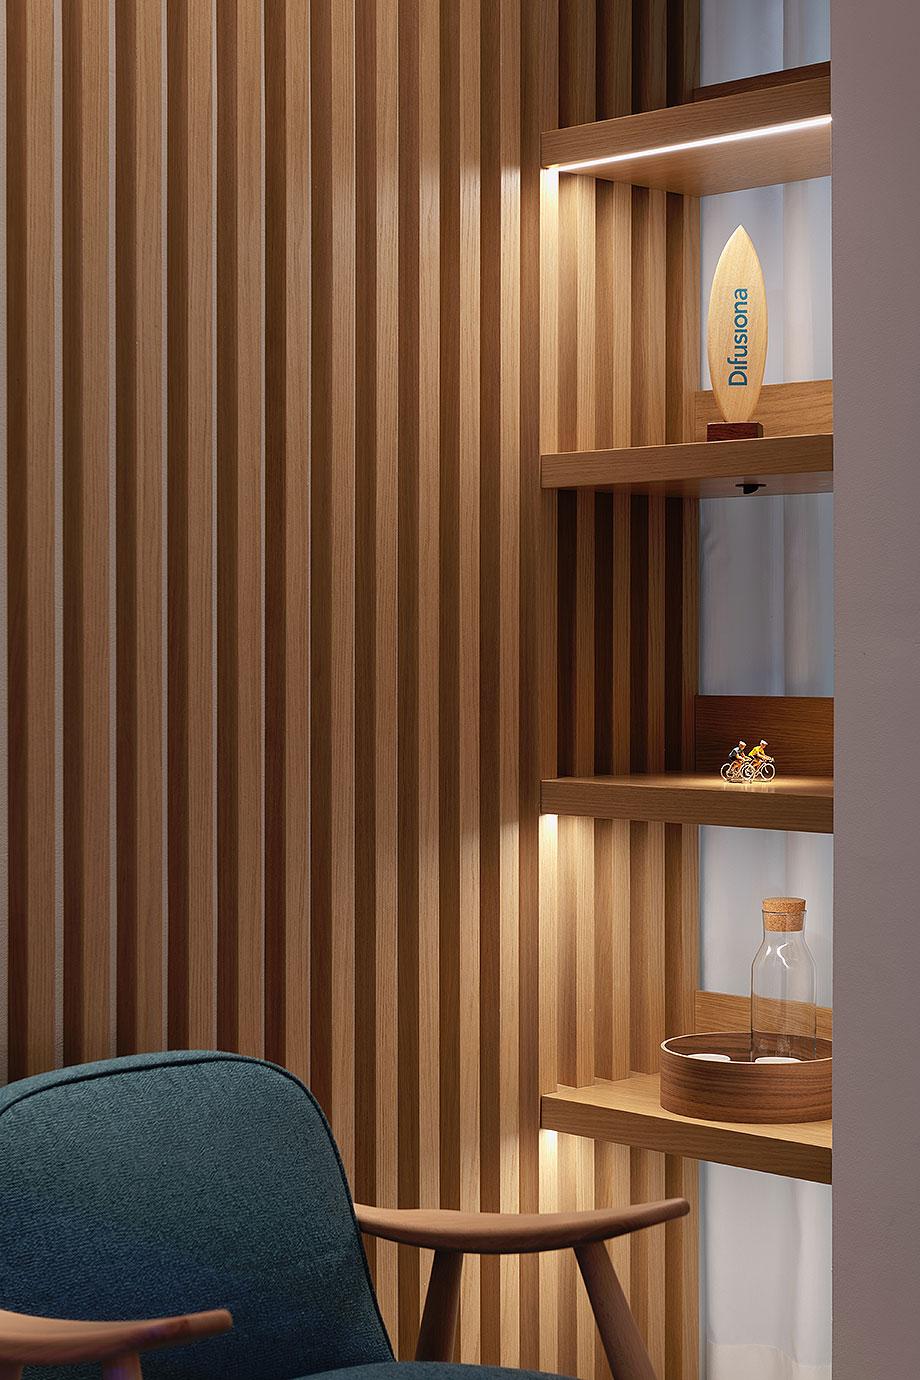 showroom difusiona lighting for architecture de marta alonso (11) - foto mario wurzburger